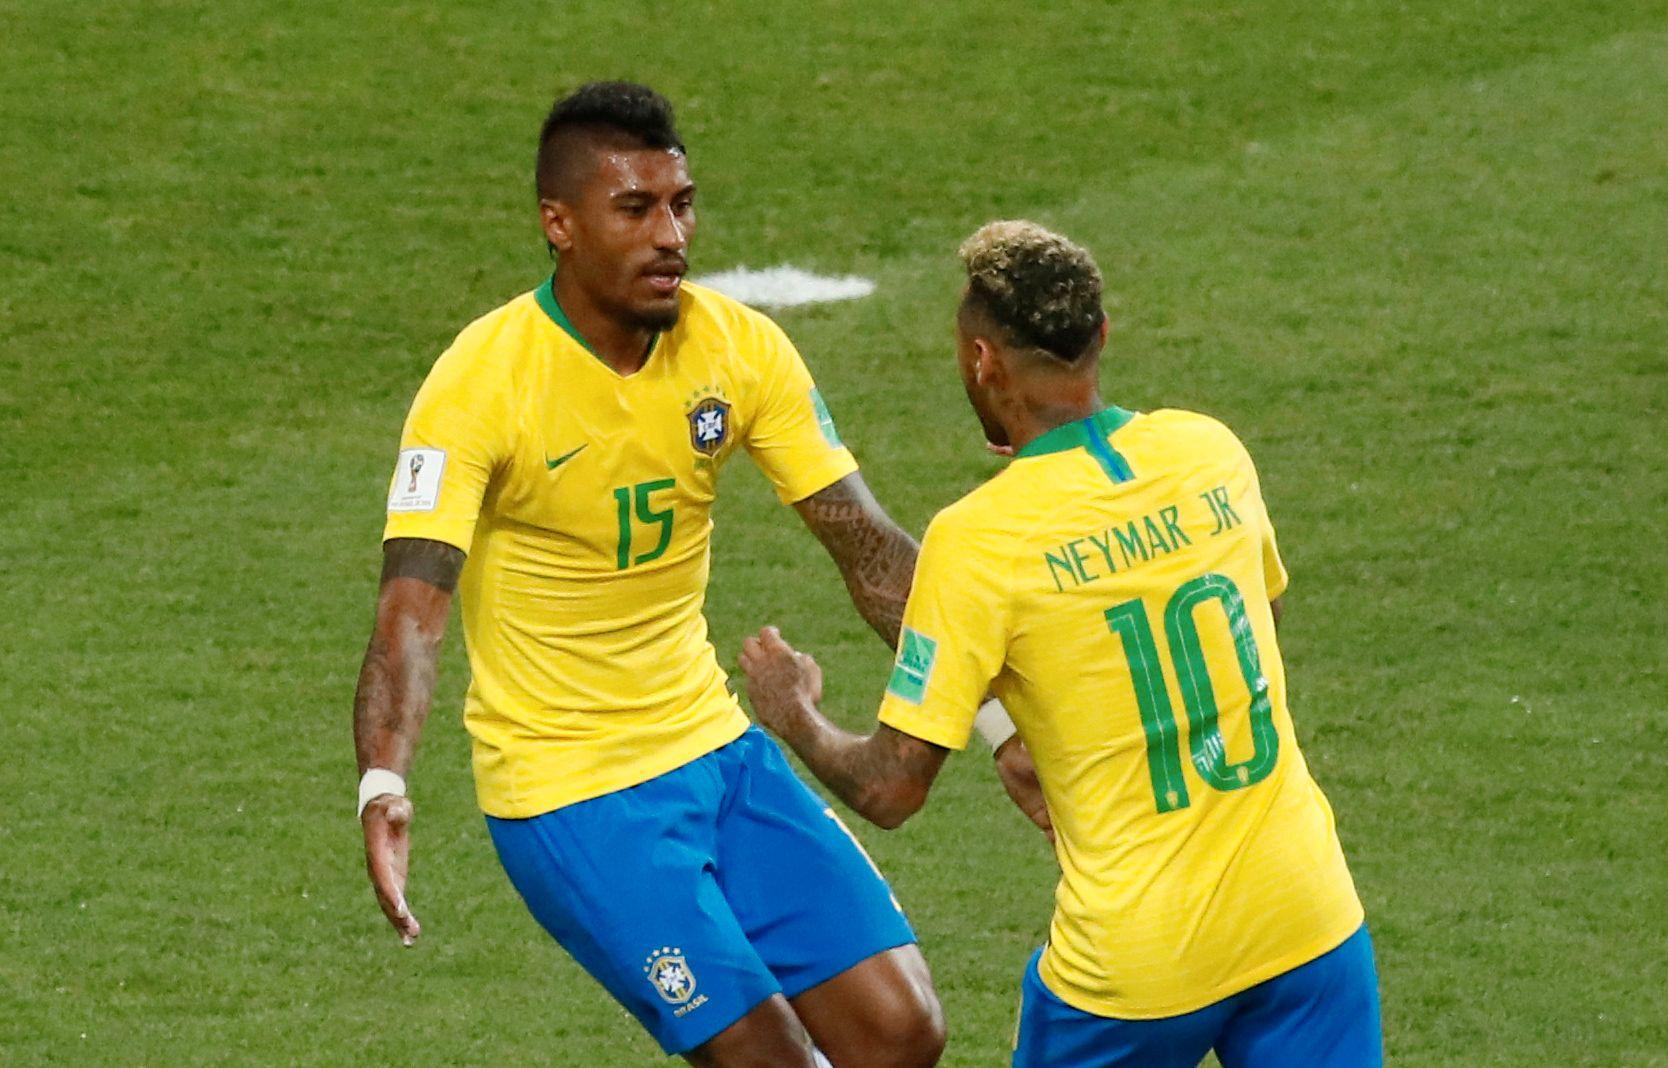 ORDNET DET FØRSTE: Paulinho (t.v.) feirer sammen med Neymar etter å ha sendt Brasil opp i ledelsen før pausen.